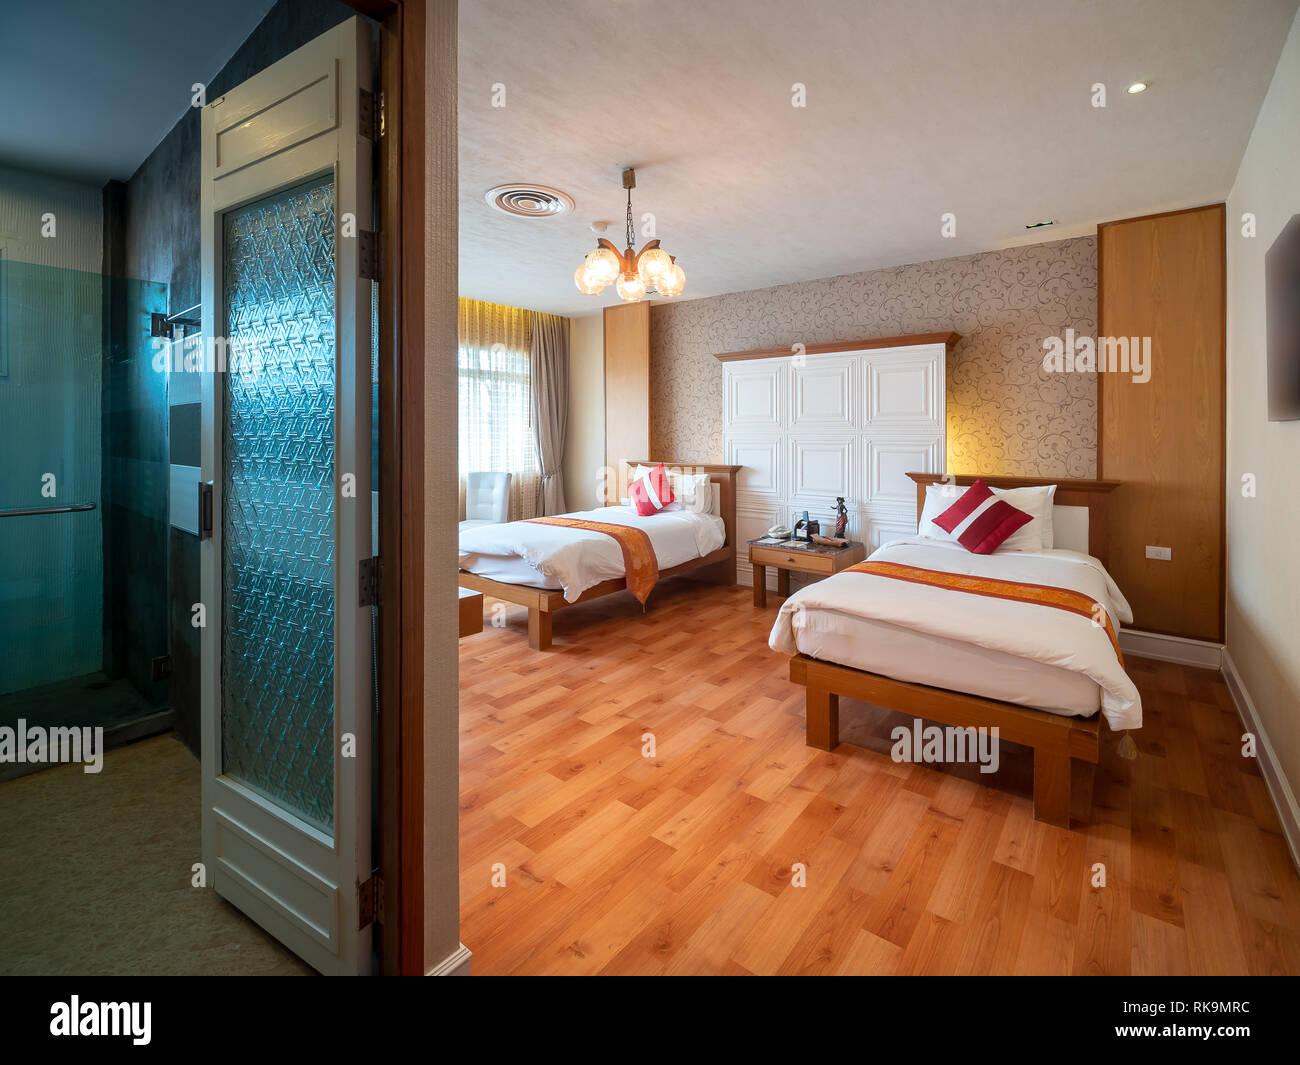 Bagno Aperto In Camera : Camera luxury con letti singoli e bagno aperto nel resort in